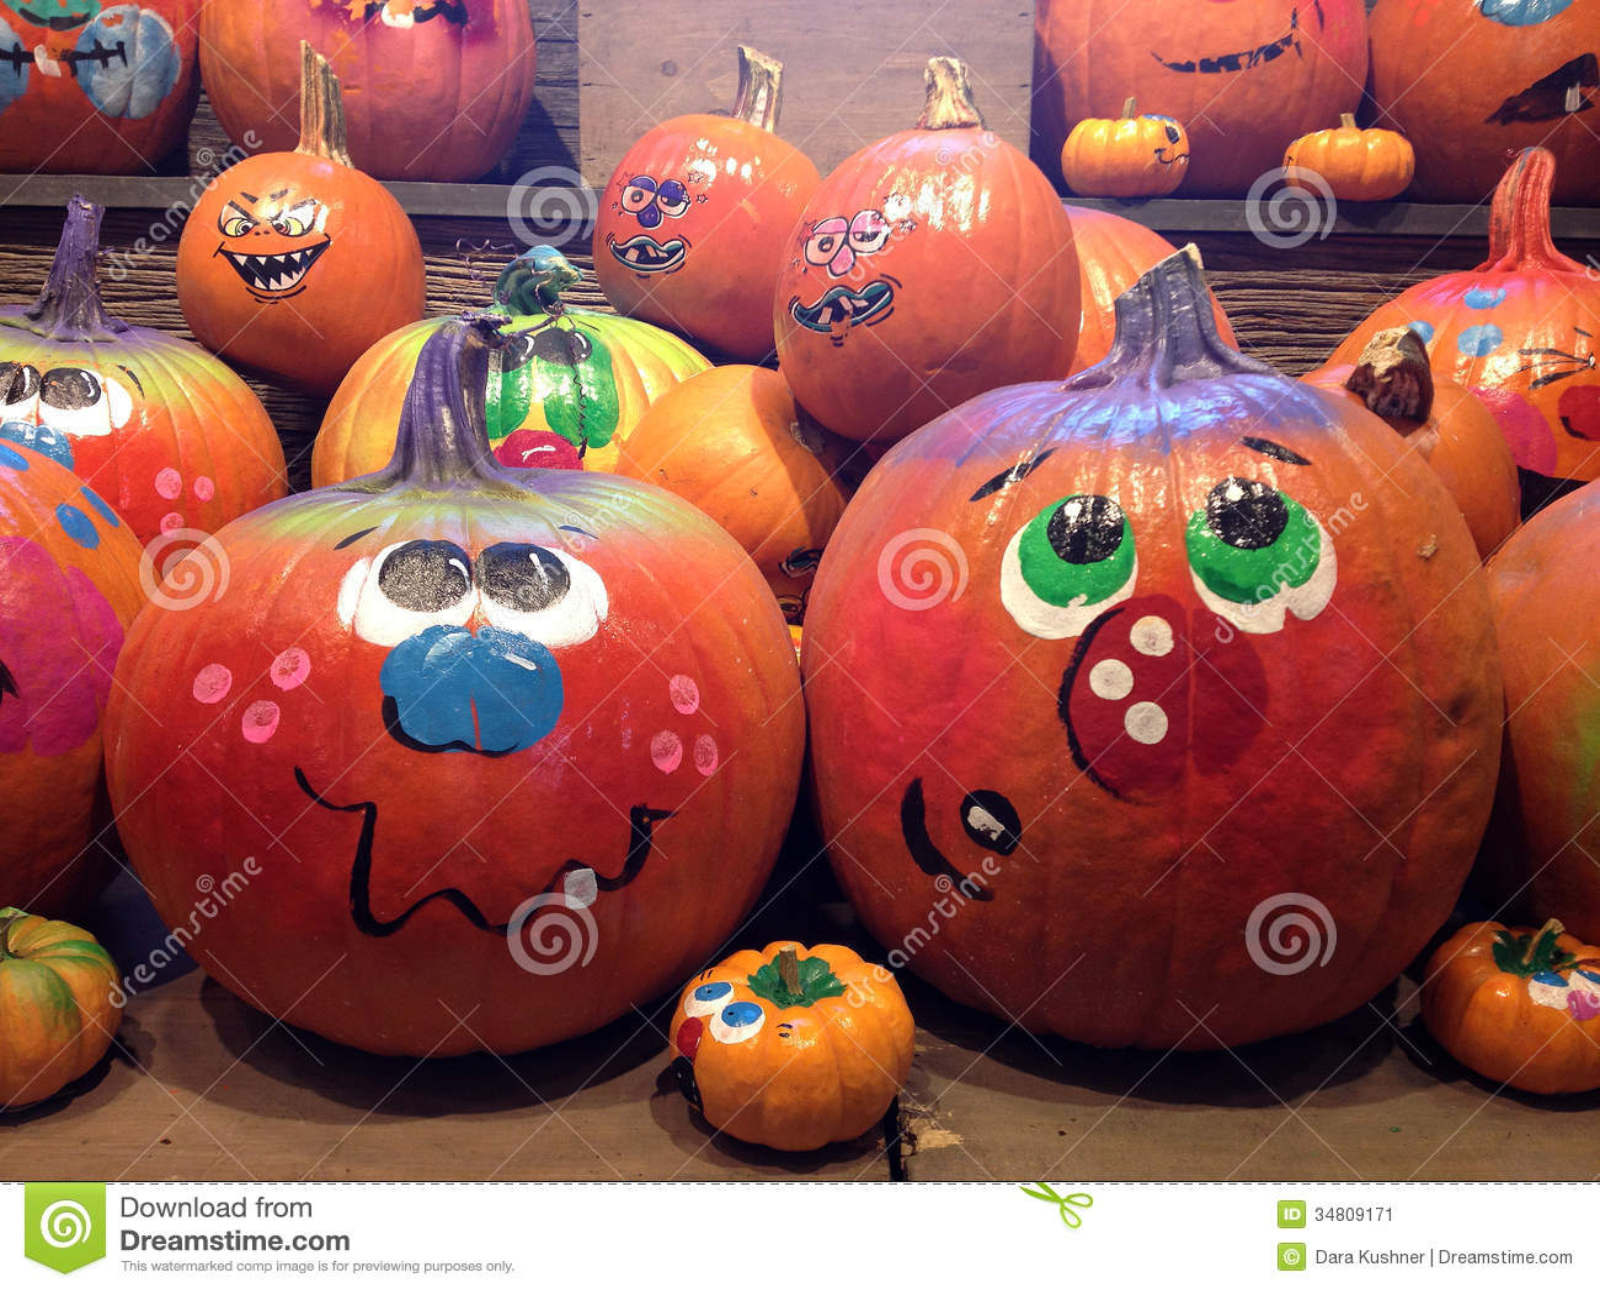 Calabazas pintadas para halloween imagen de archivo imagen 34809171 - Calabazas de halloween pintadas ...